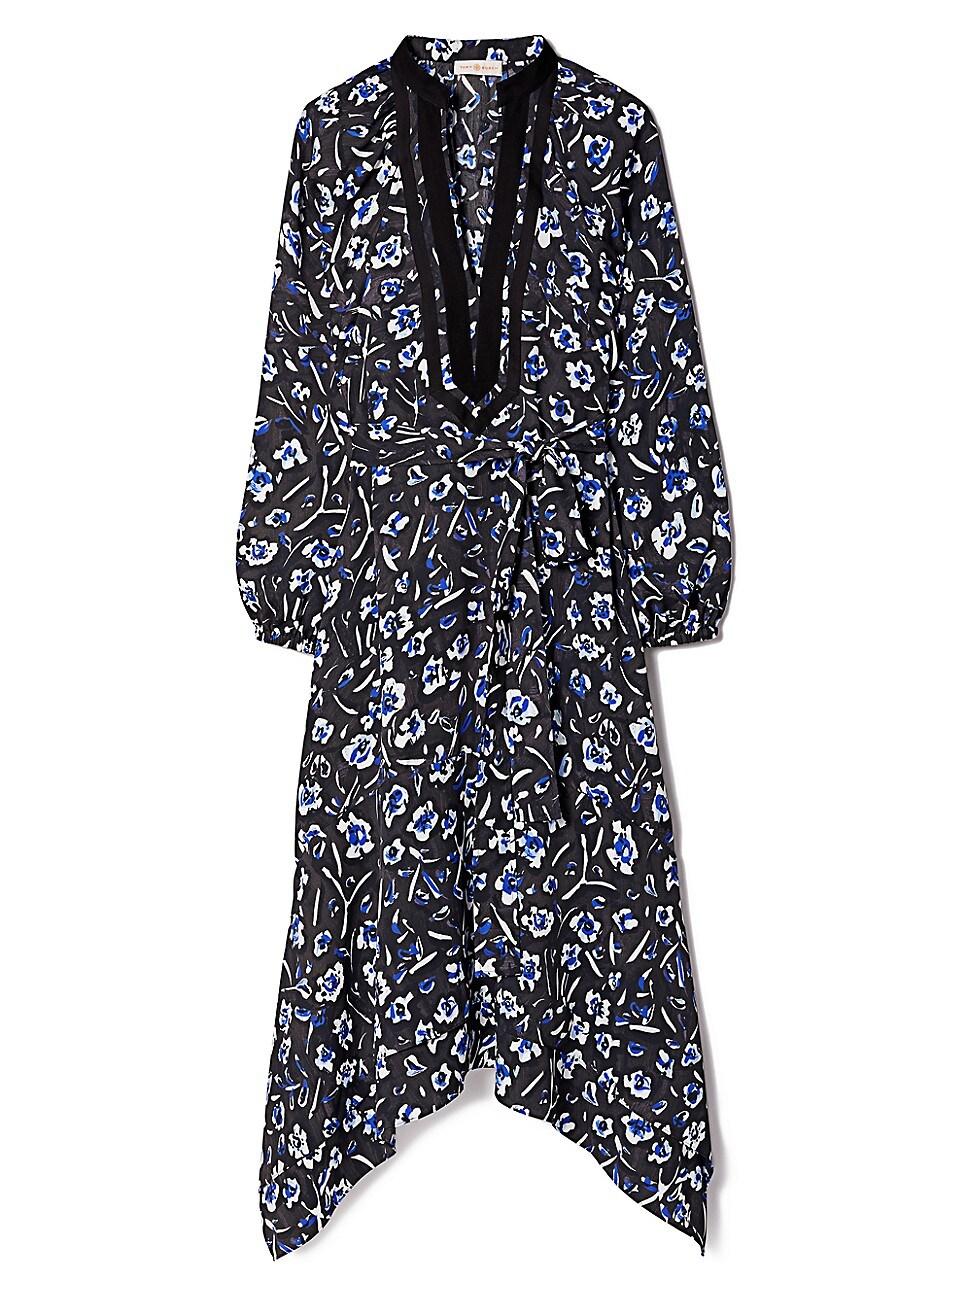 TORY BURCH WOMEN'S PUFF-SLEEVE TUNIC DRESS